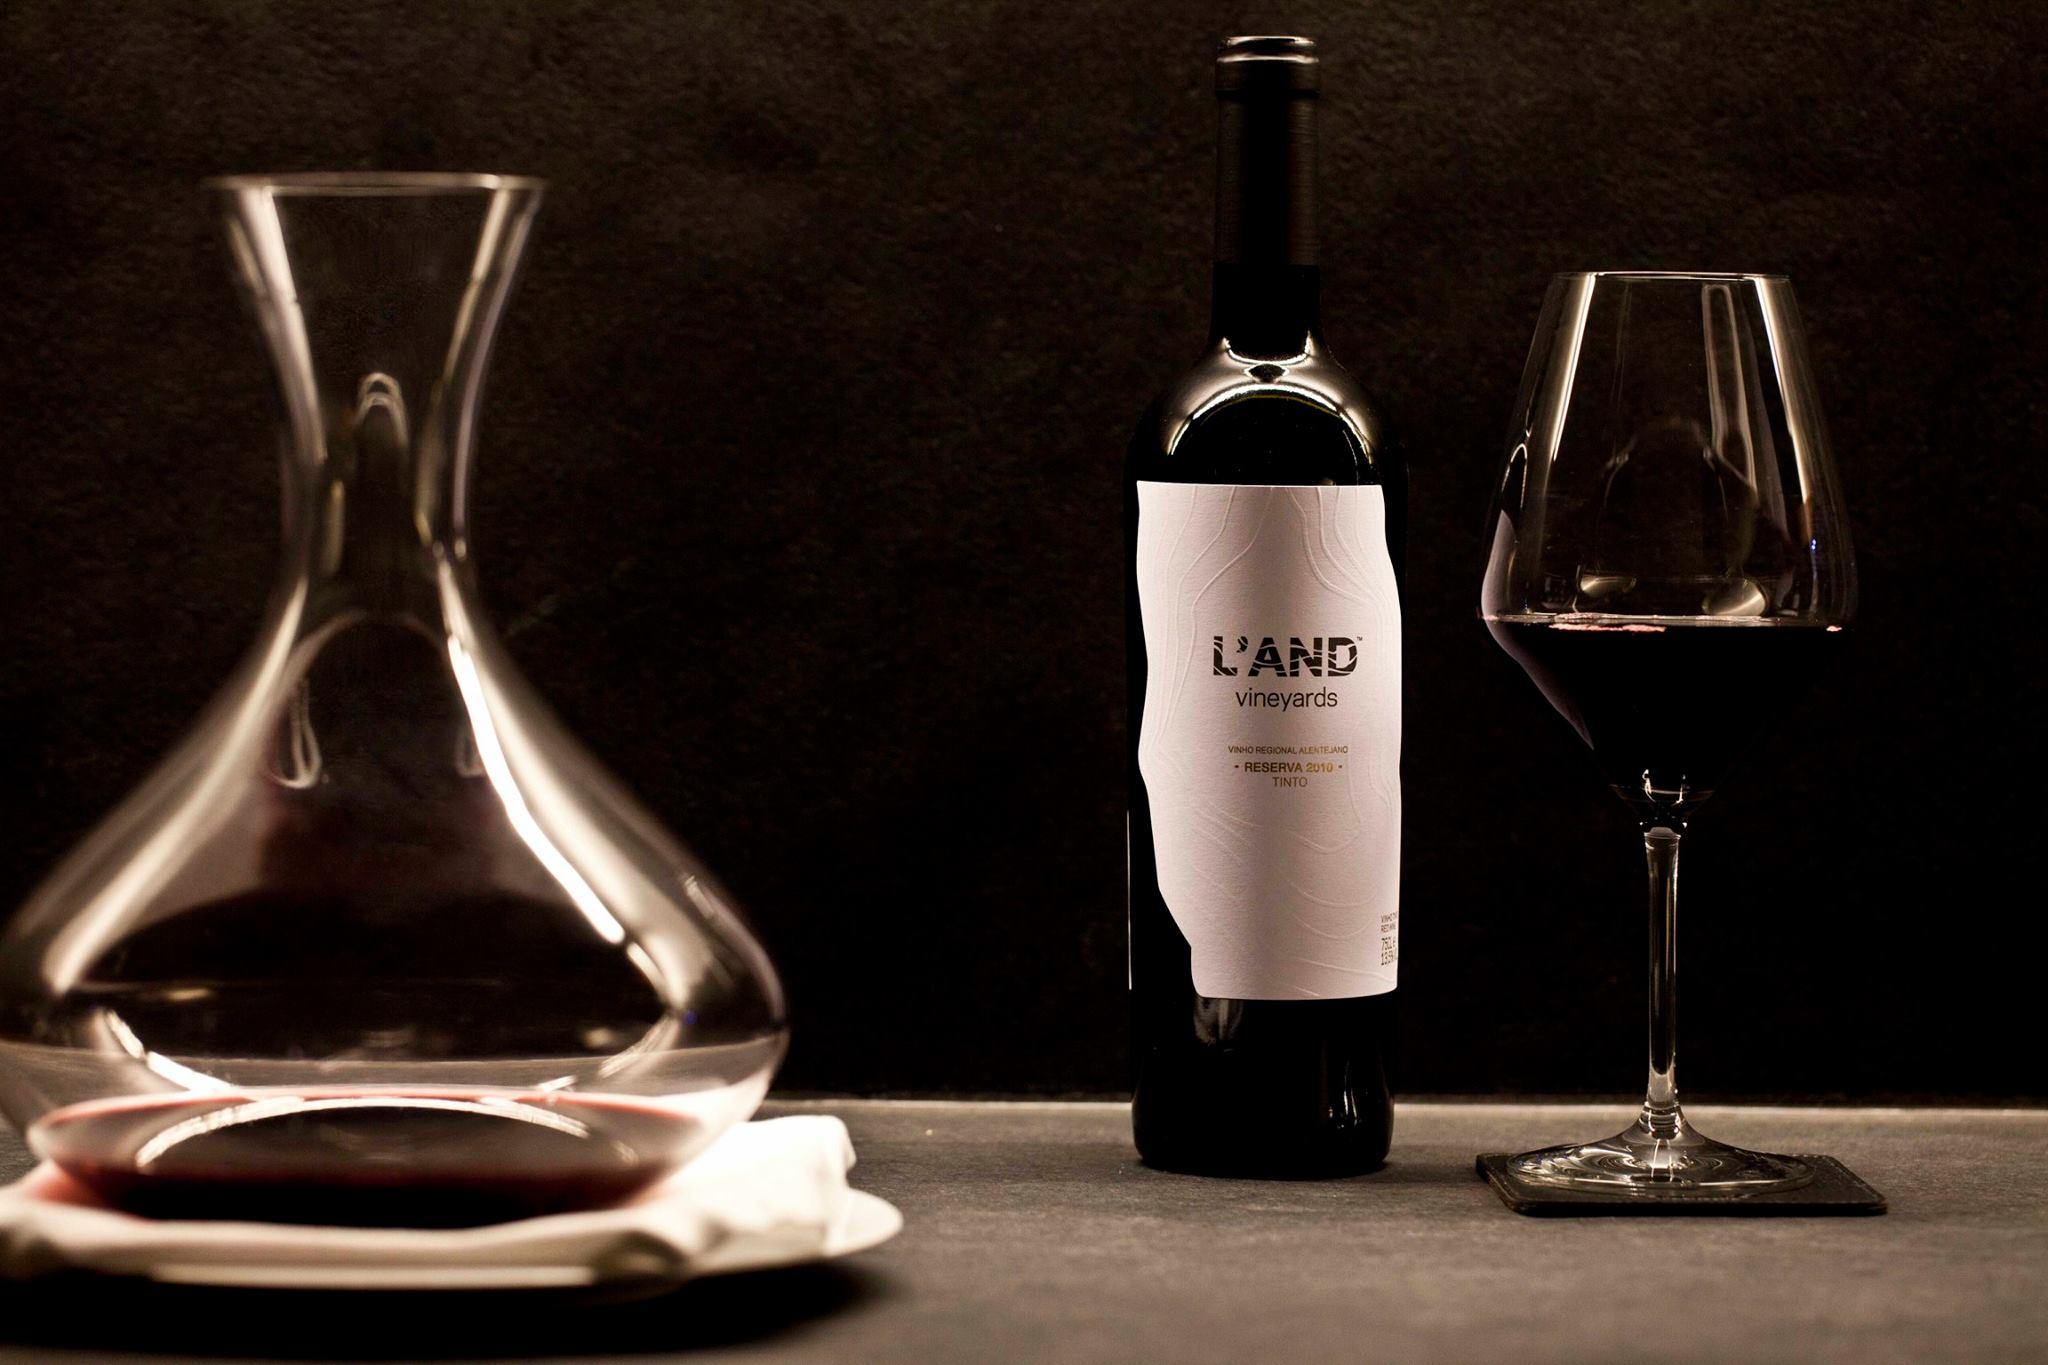 L'AND Vineyards – Assim Nasce um Vinho